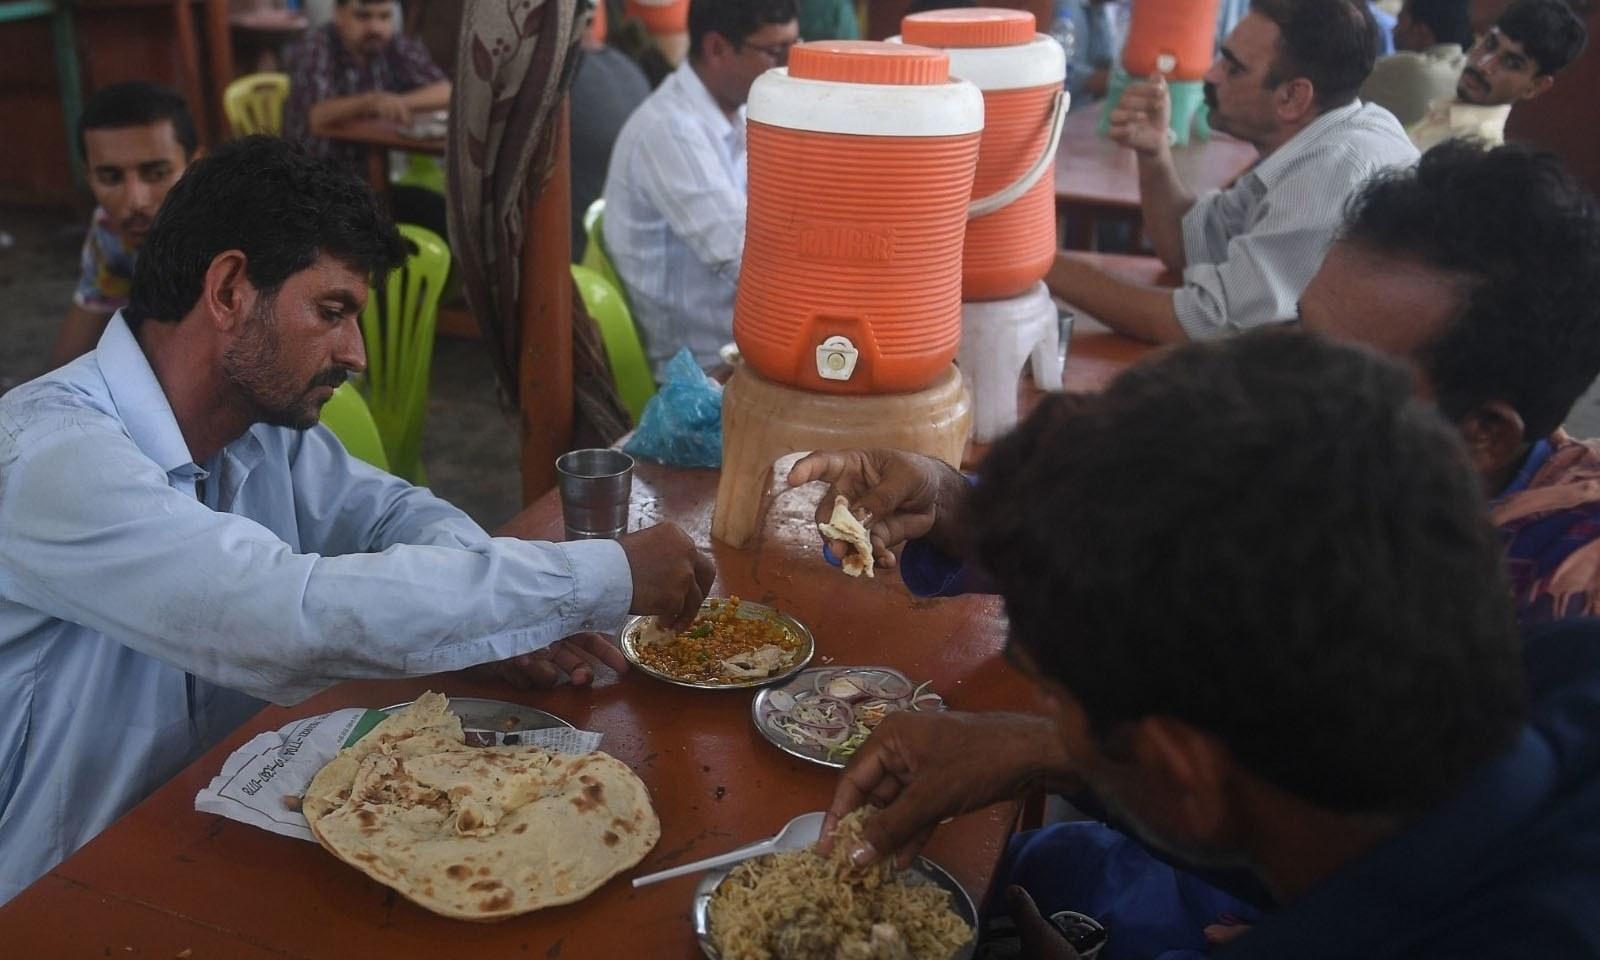 کراچی کے متعدد مقامات پر سماجی فاصلہ برقرار نہیں رکھا گیا — فوٹو: اے ایف پی